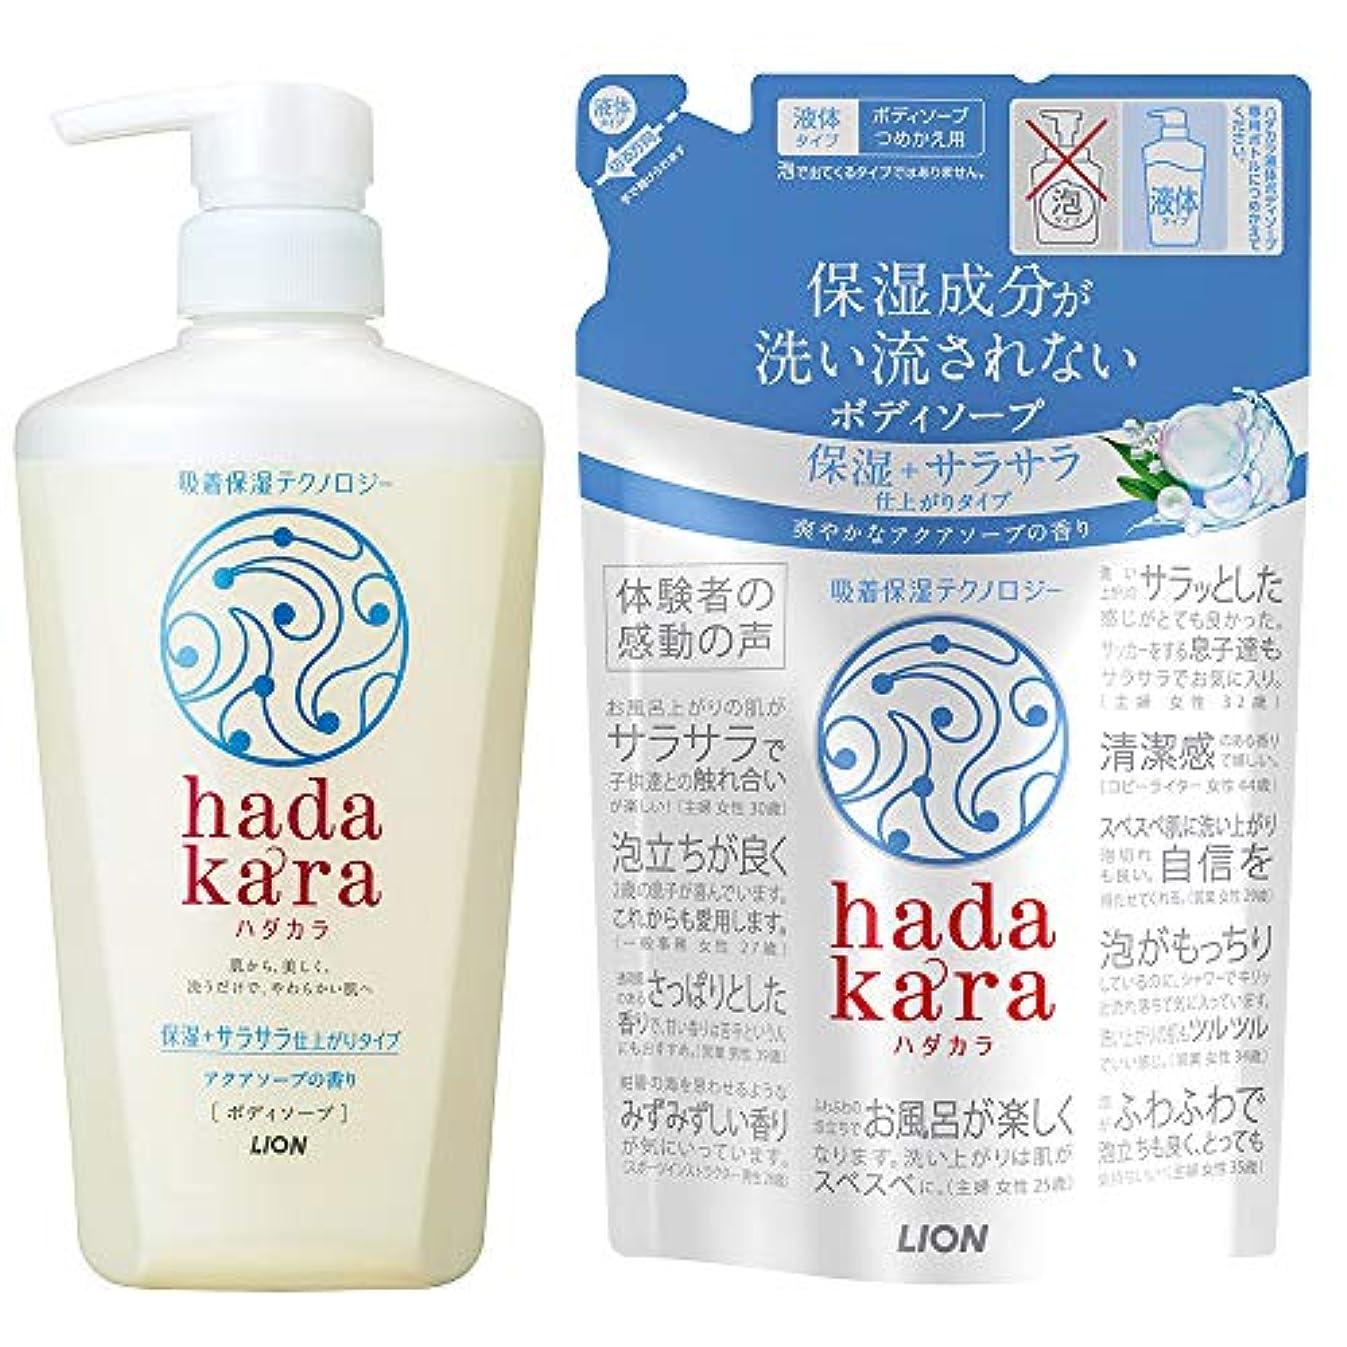 祖母折り目午後hadakara(ハダカラ)ボディソープ 保湿+サラサラ仕上がりタイプ アクアソープの香り (本体480ml+つめかえ340ml)